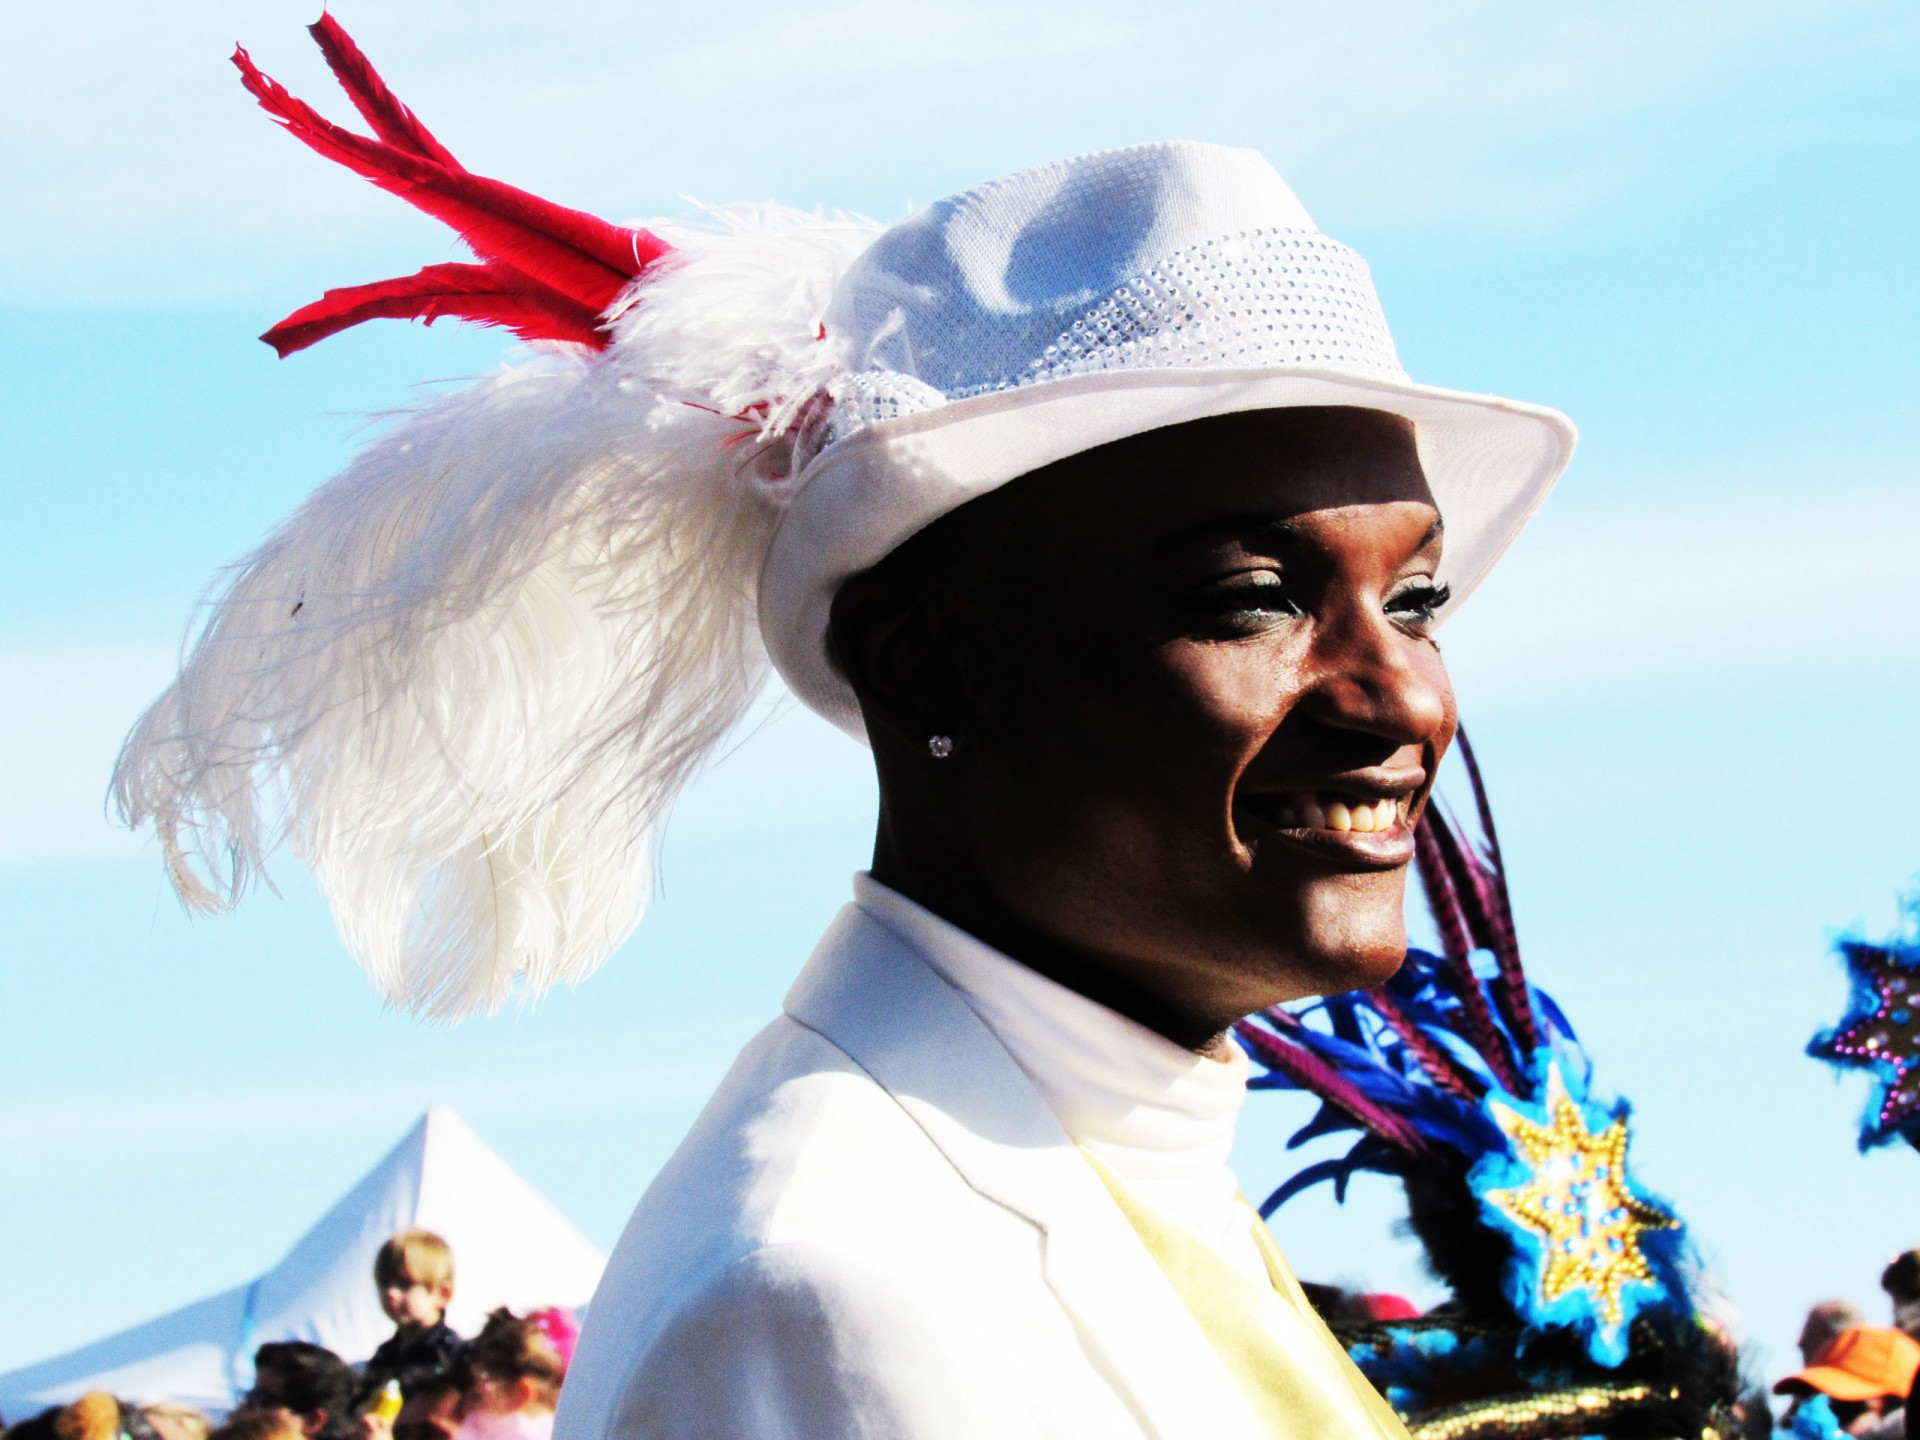 Carnaval de Nice 2016: Le Roi des Médias. COMPAGNIE CORPS ET DANSE. + de VIDÉOS !!! Février 2016. Défilé Carnavalesque, Danse Latino